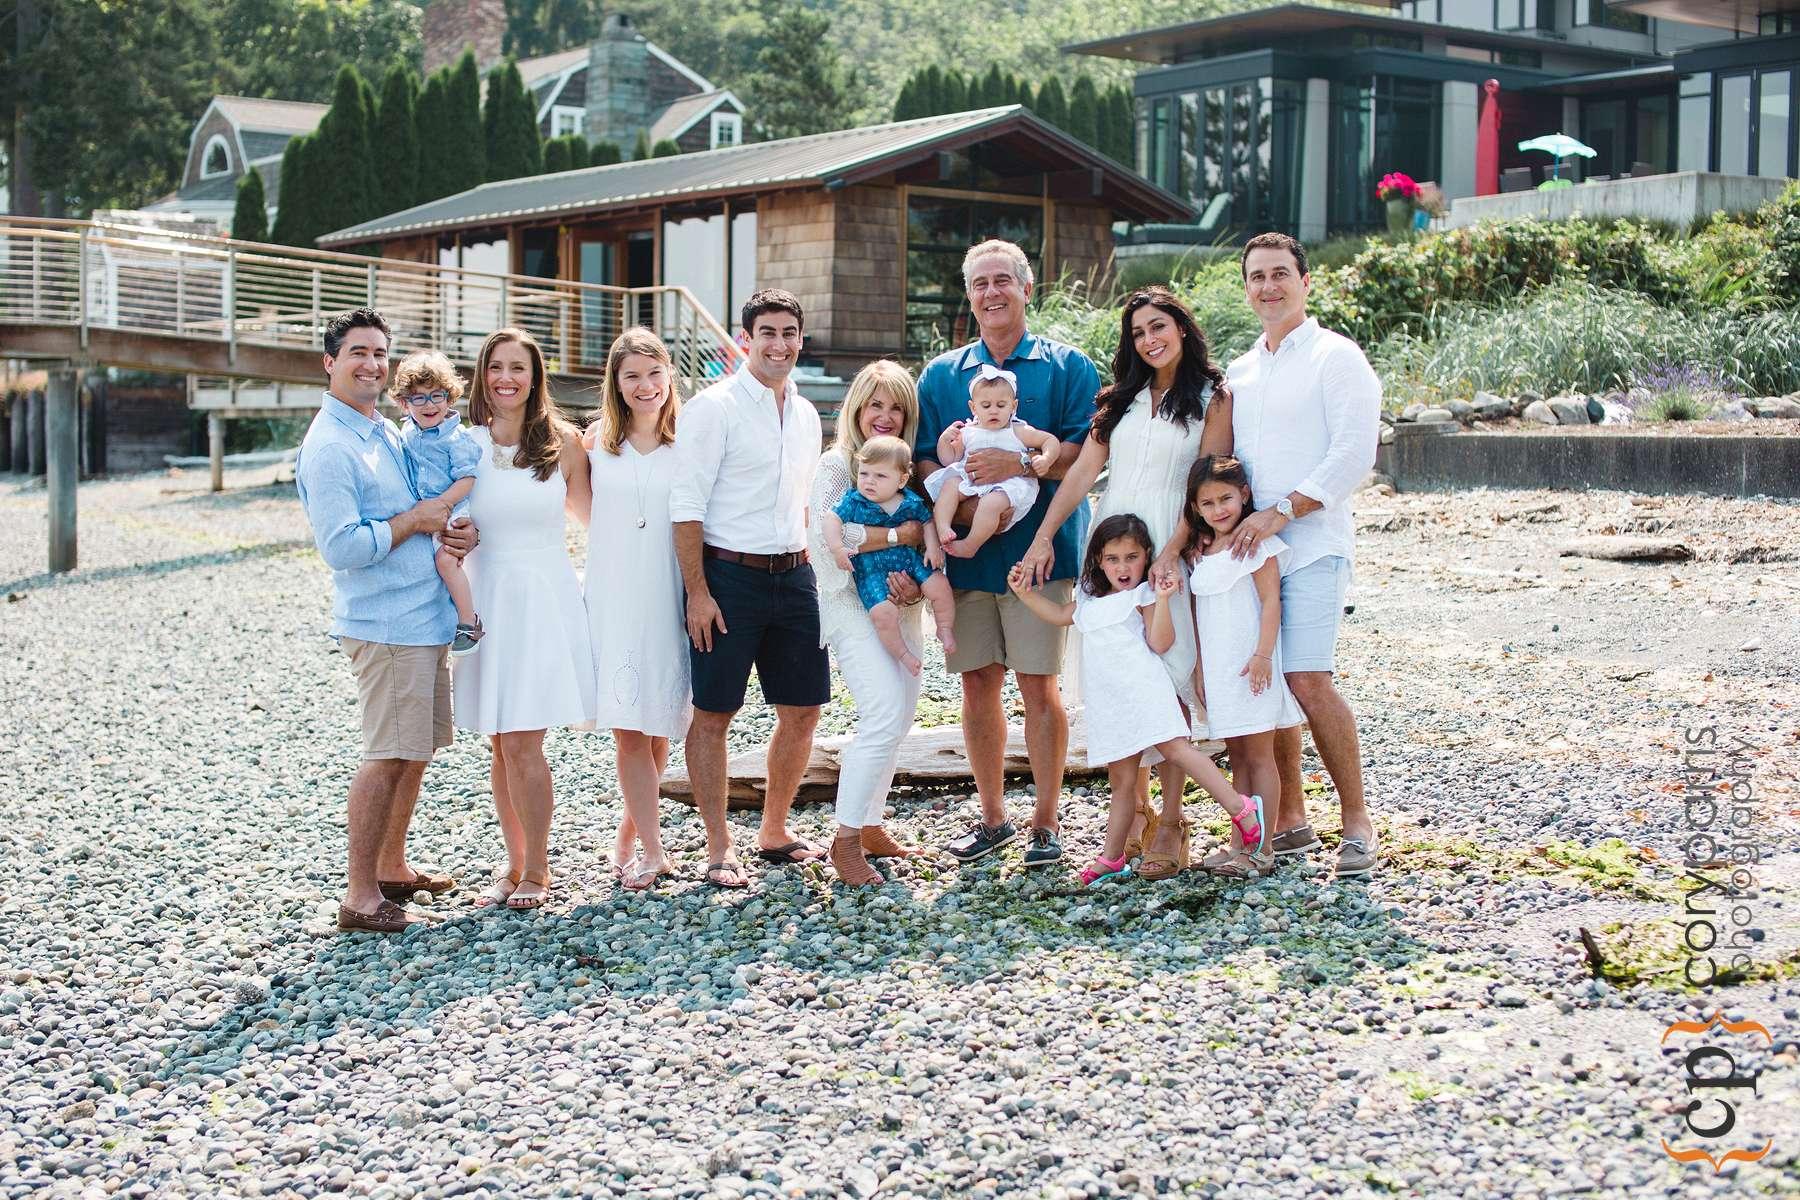 Family portraits on the beach